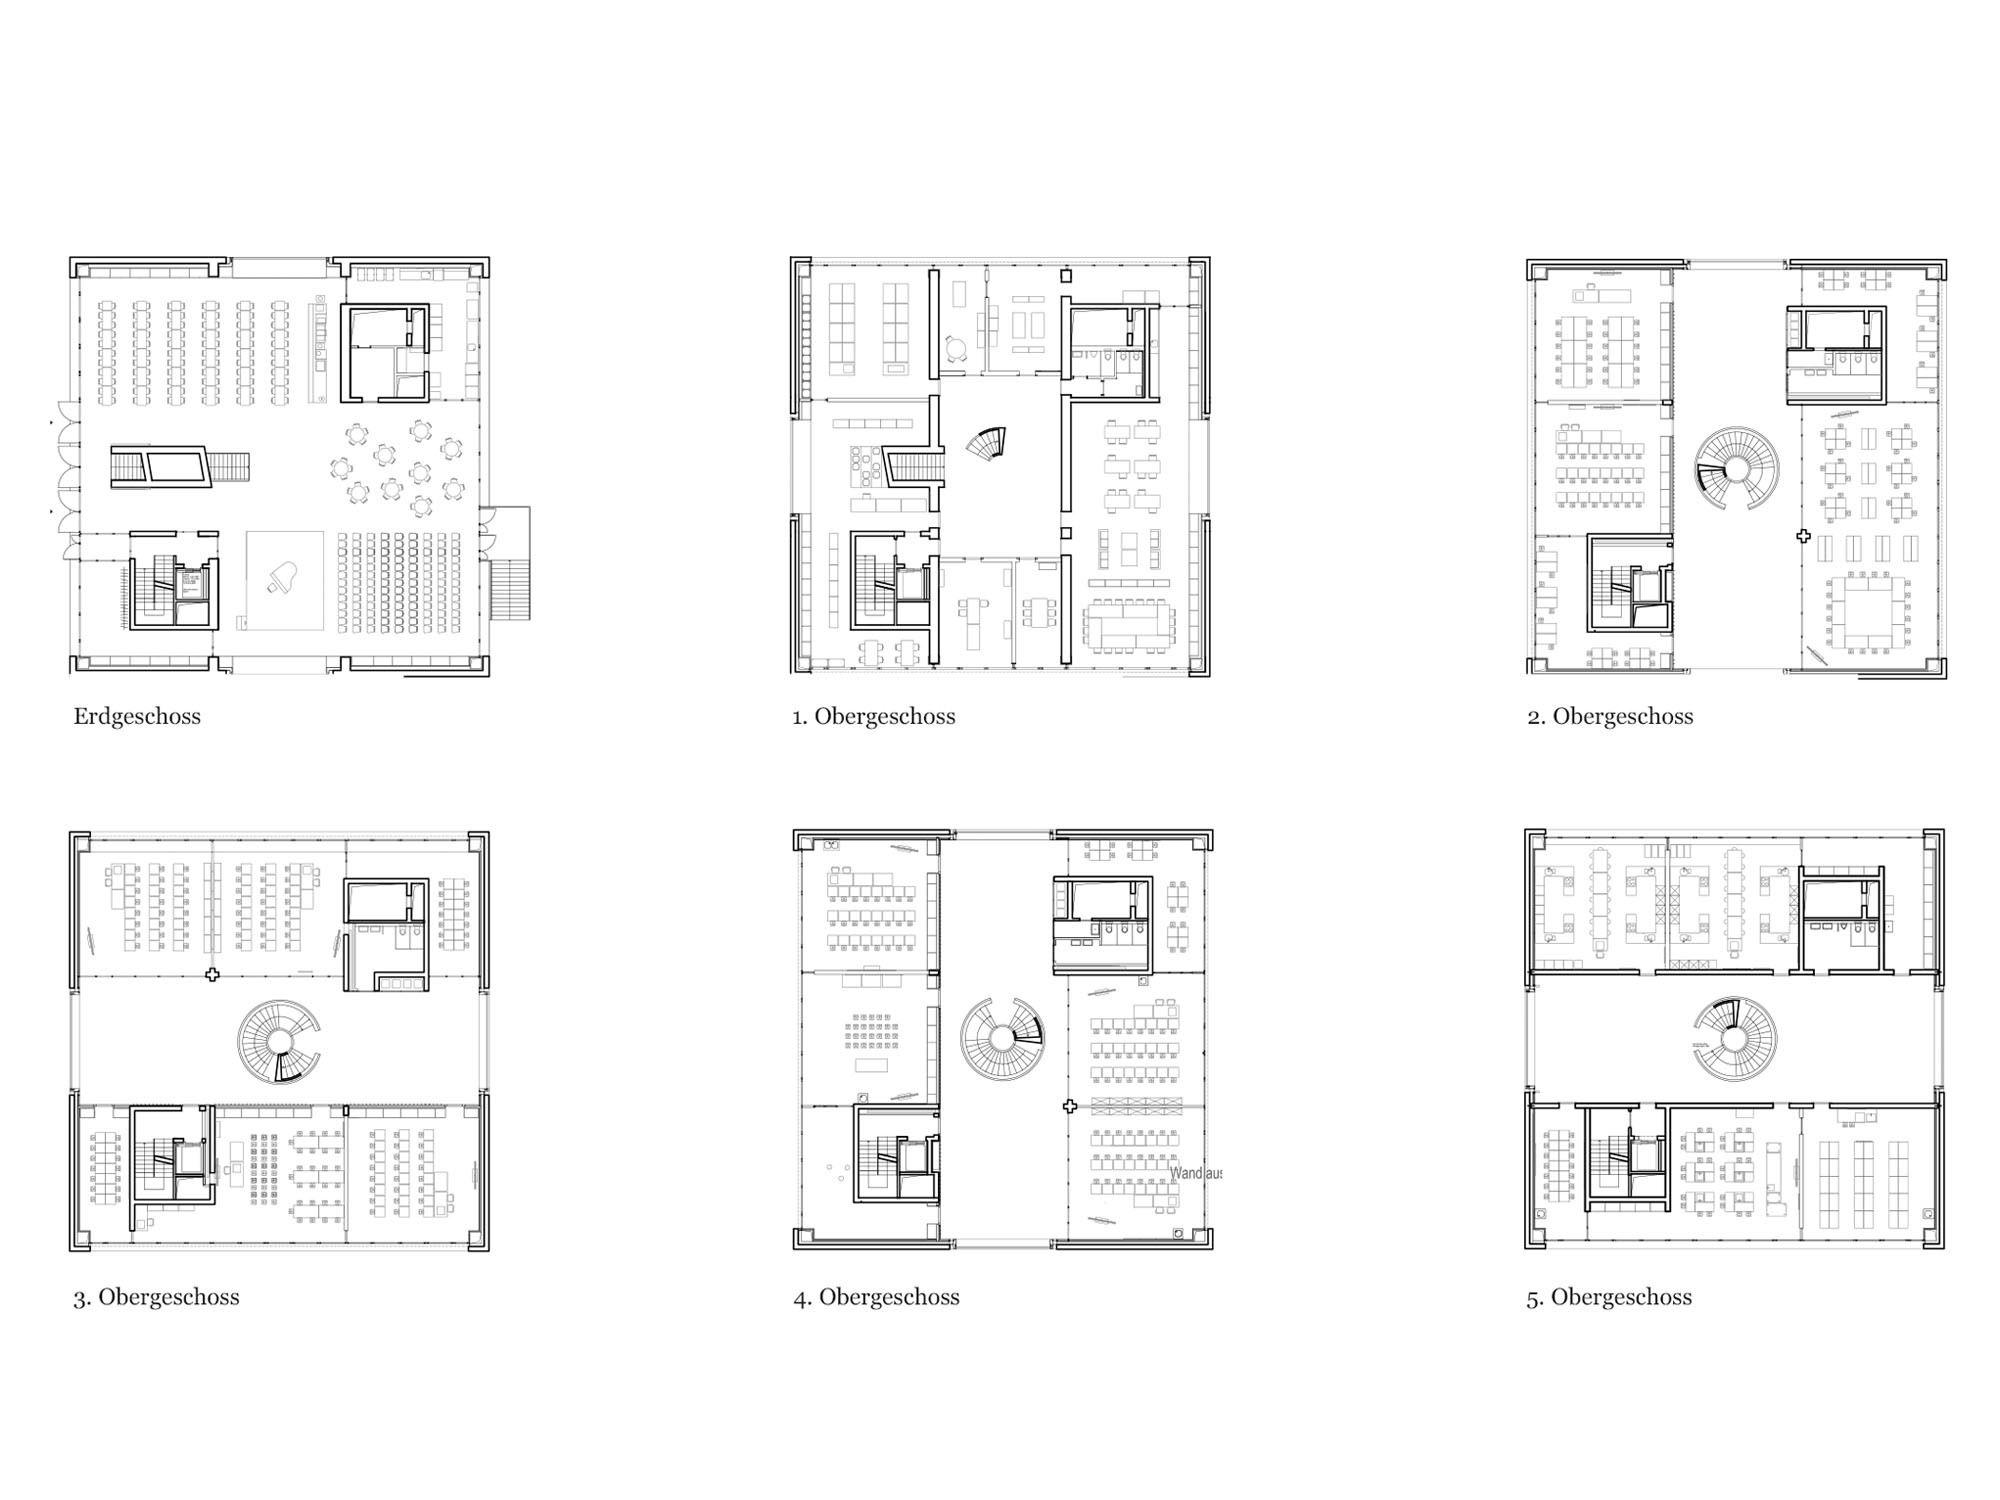 beton im moos schweizer schule von e2a. Black Bedroom Furniture Sets. Home Design Ideas